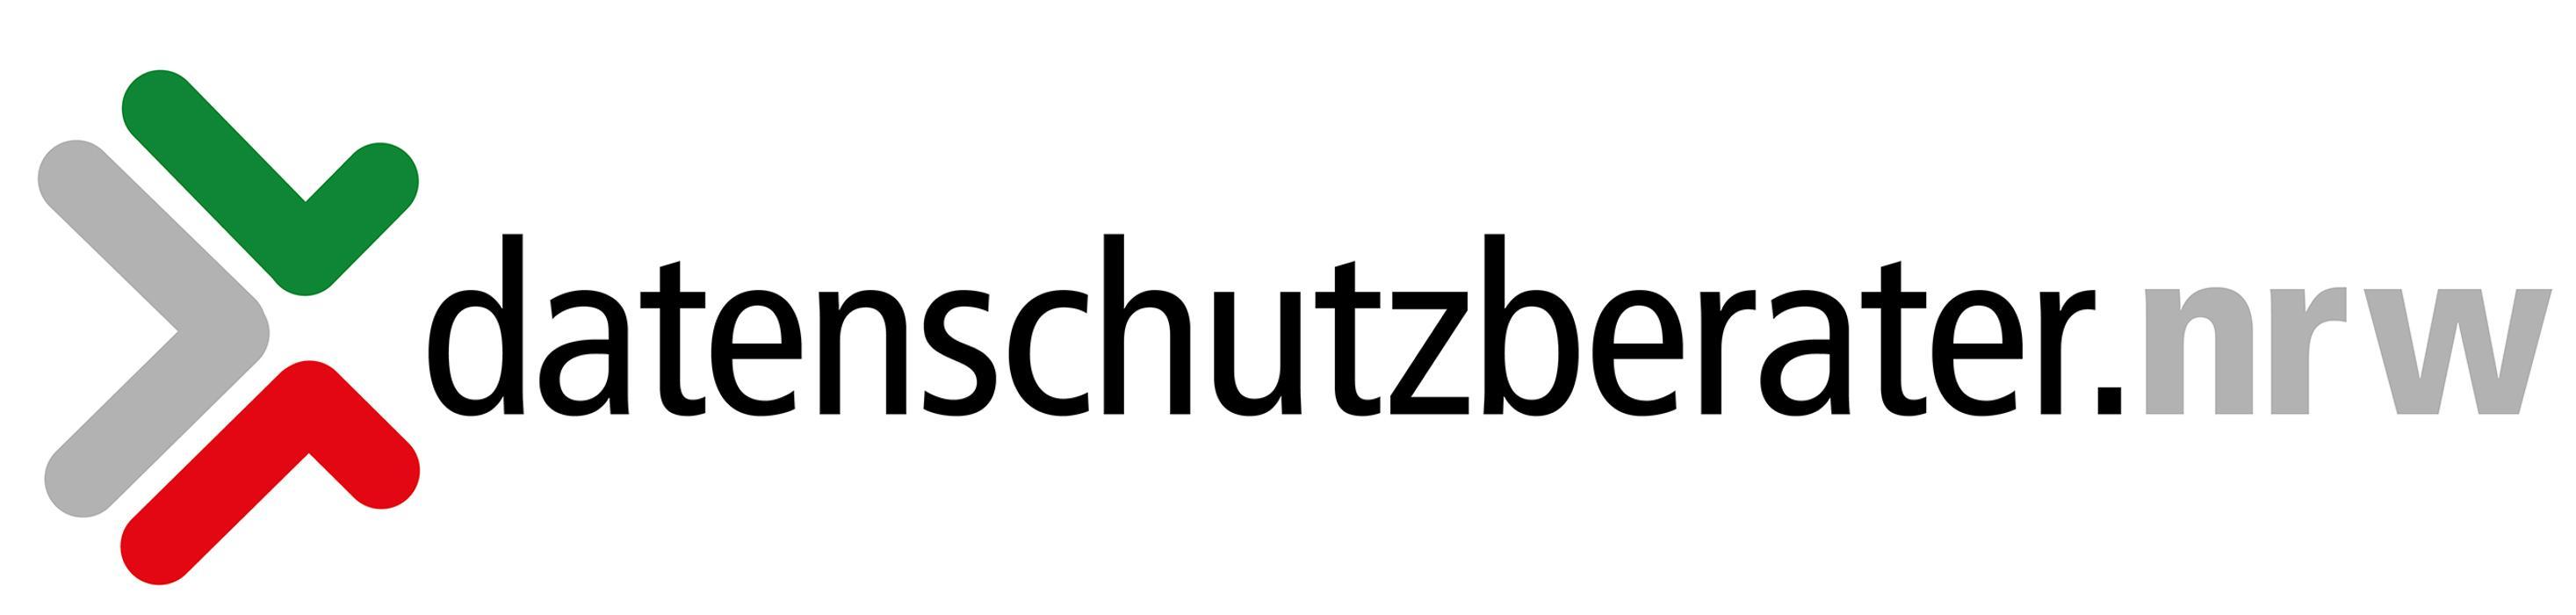 Bild zu Datenschutzberater.NRW GmbH in Köln